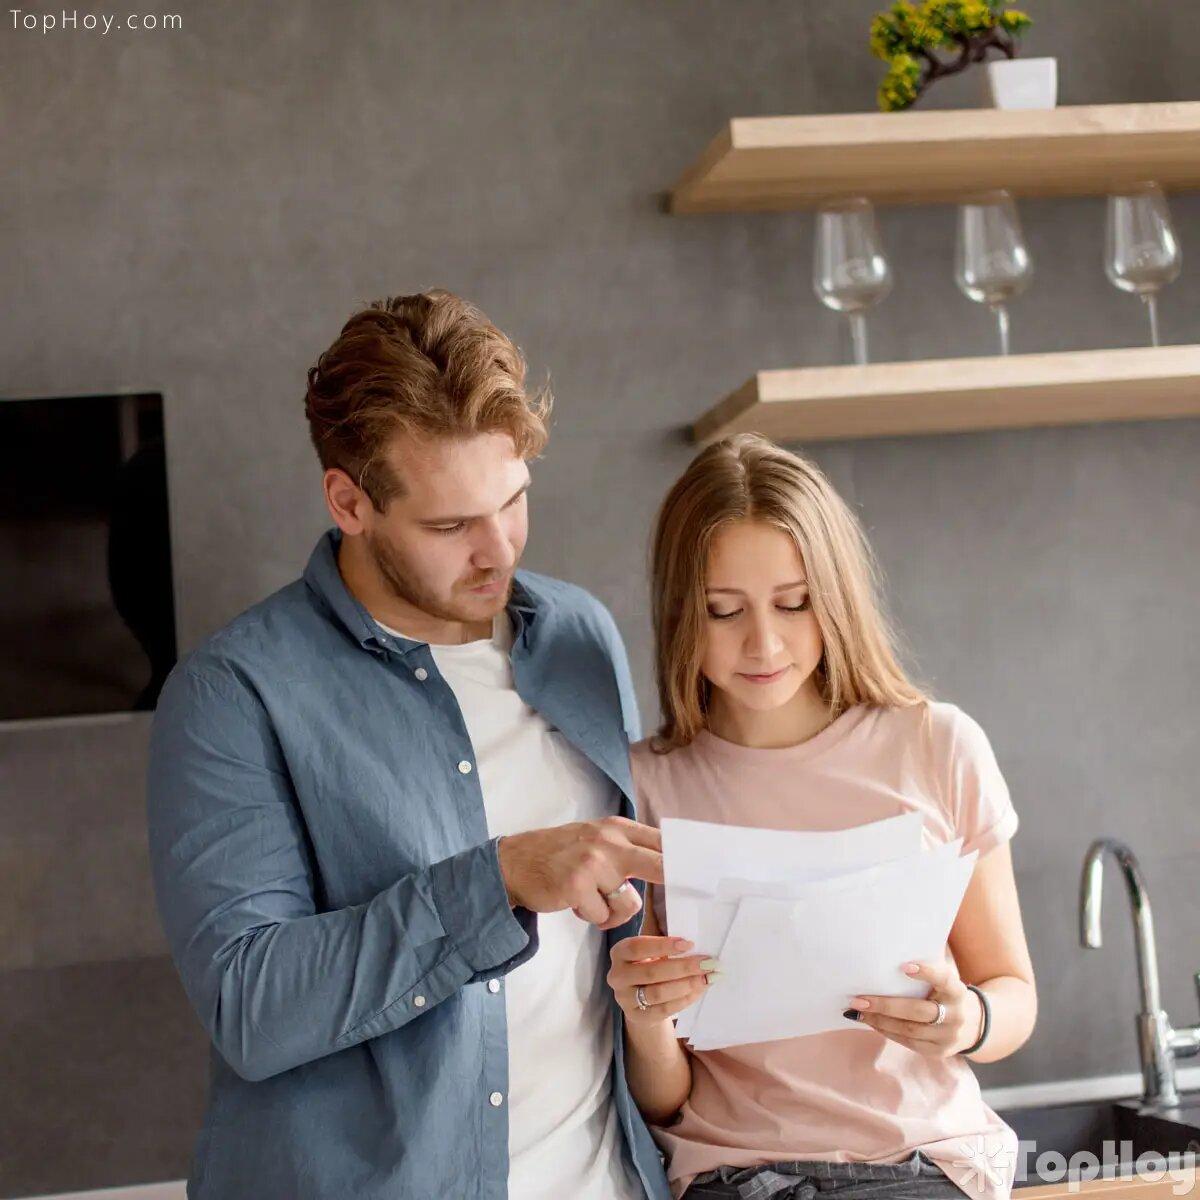 Practica en casa creando posibles preguntas. Prepara las respuestas y ensáyalas. Esto dará ganancias a tu confianza al momento de hablar con tu entrevistador.